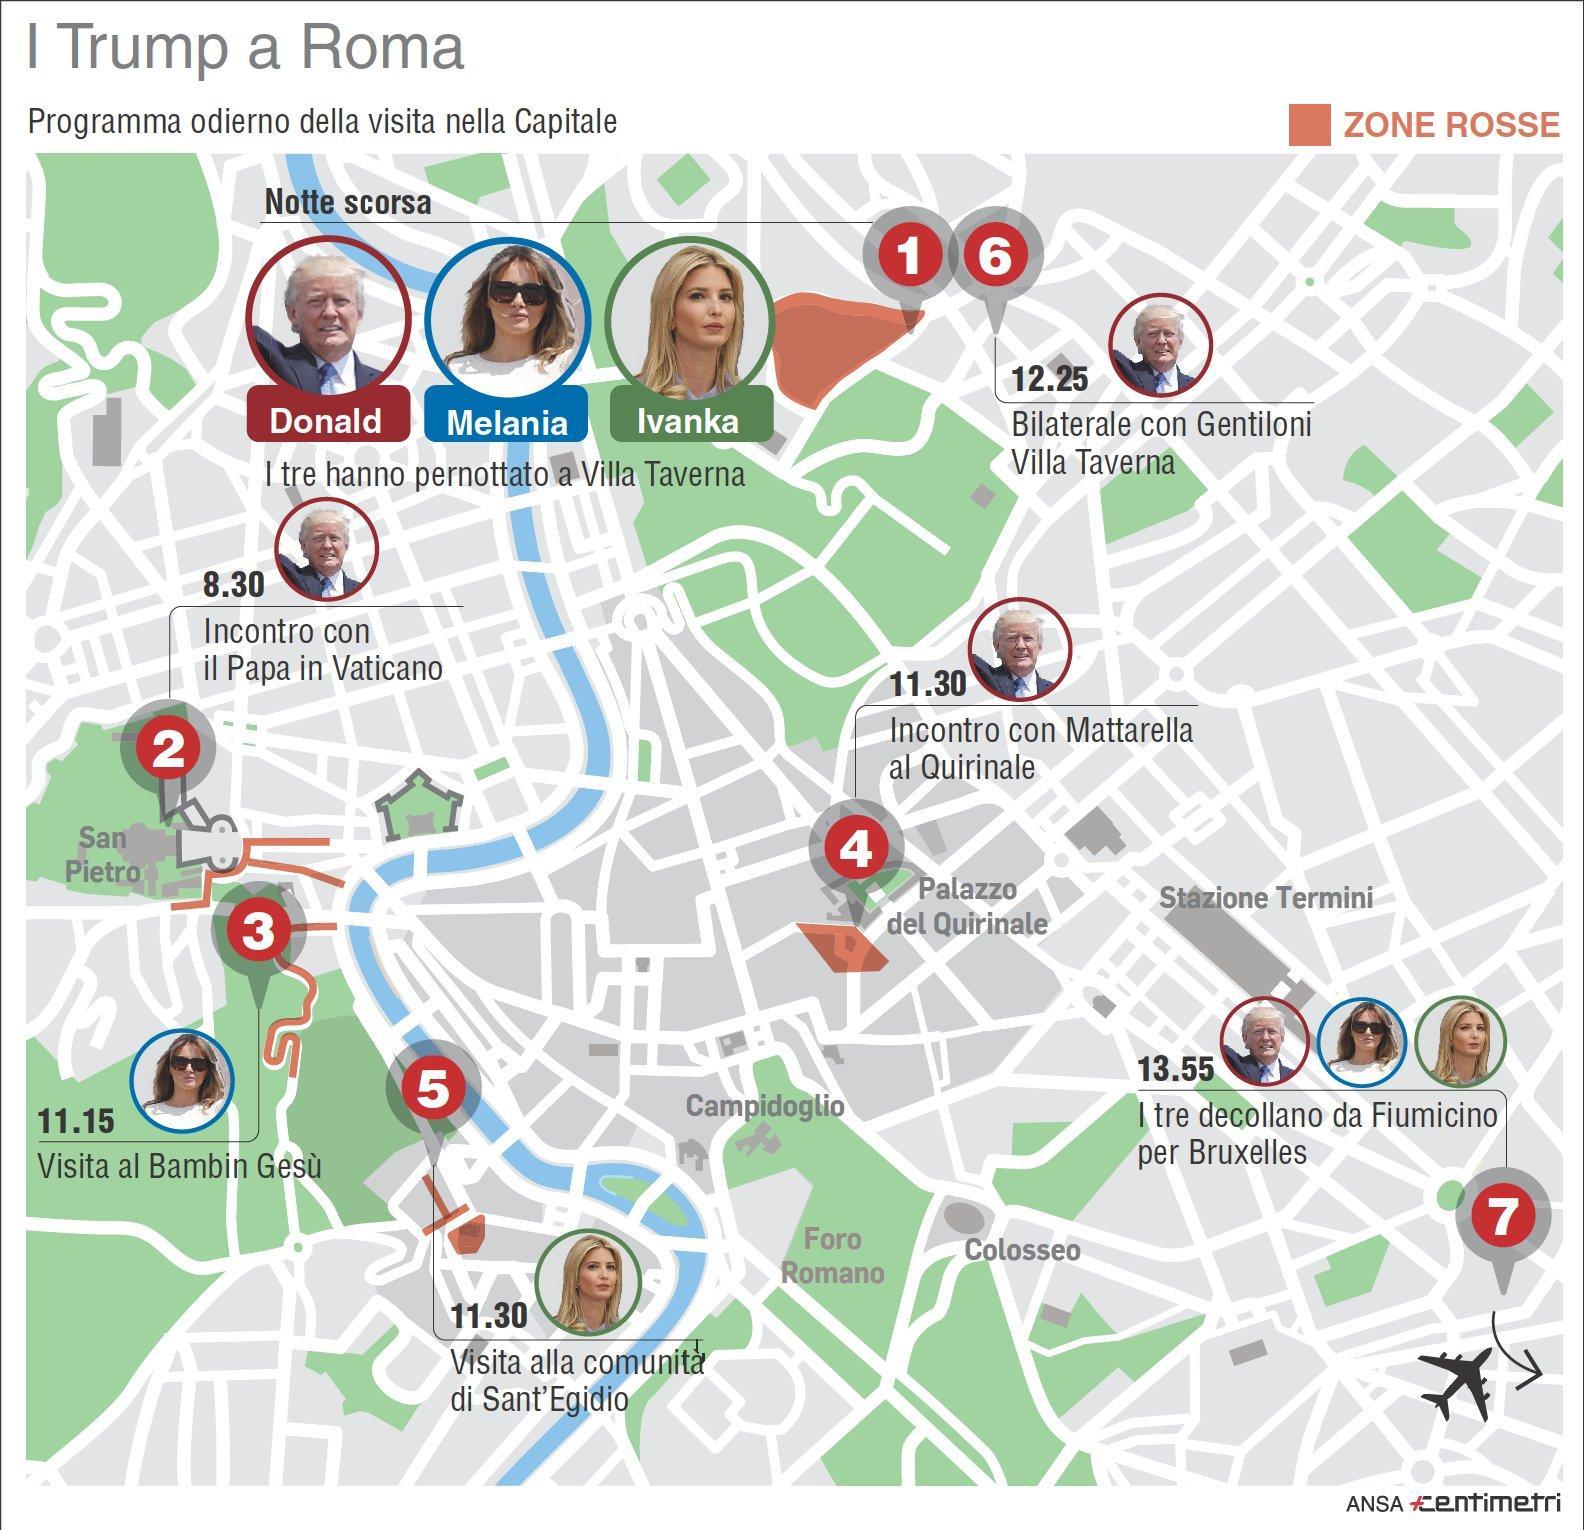 La visita di Trump a Roma per il Vaticano